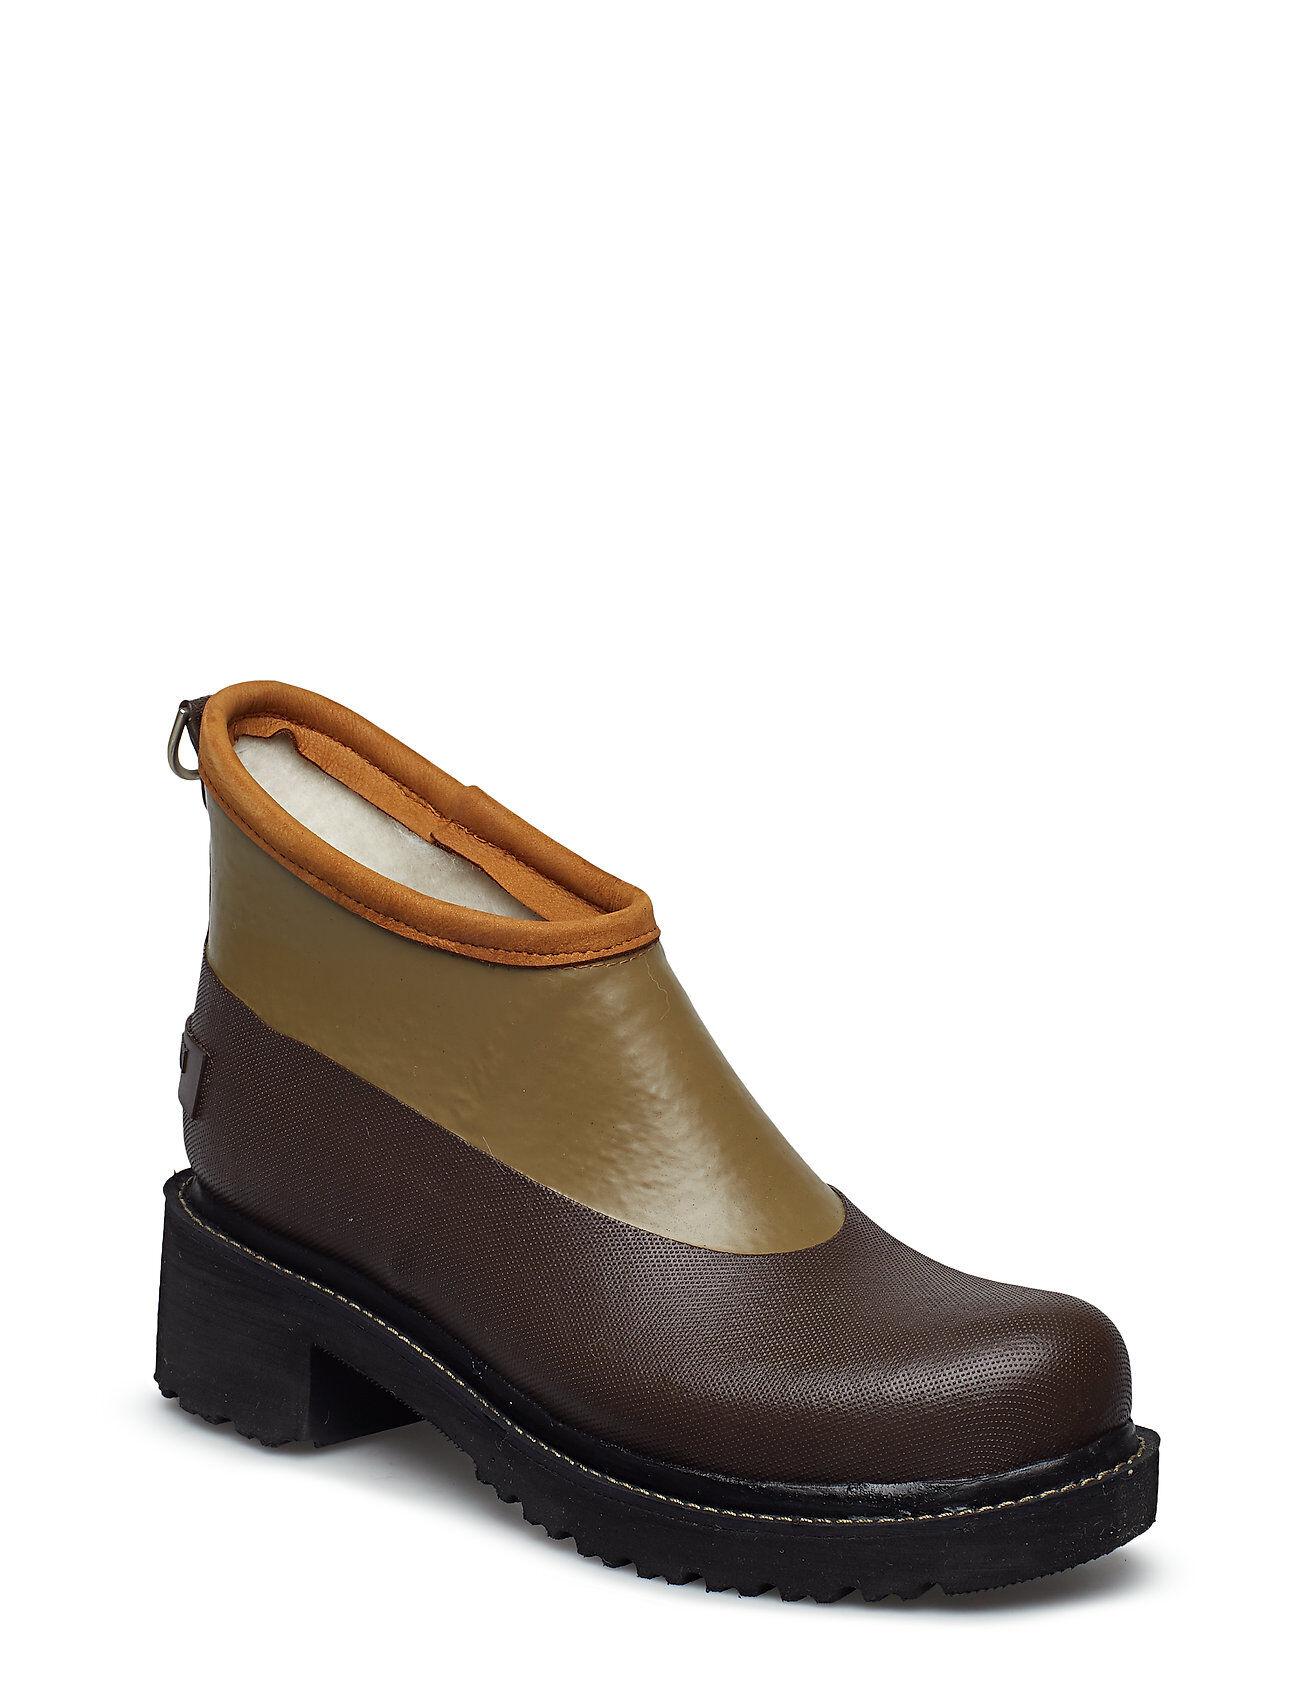 Ilse Jacobsen Short Rubber Boot Kumisaappaat Kengät Ruskea Ilse Jacobsen